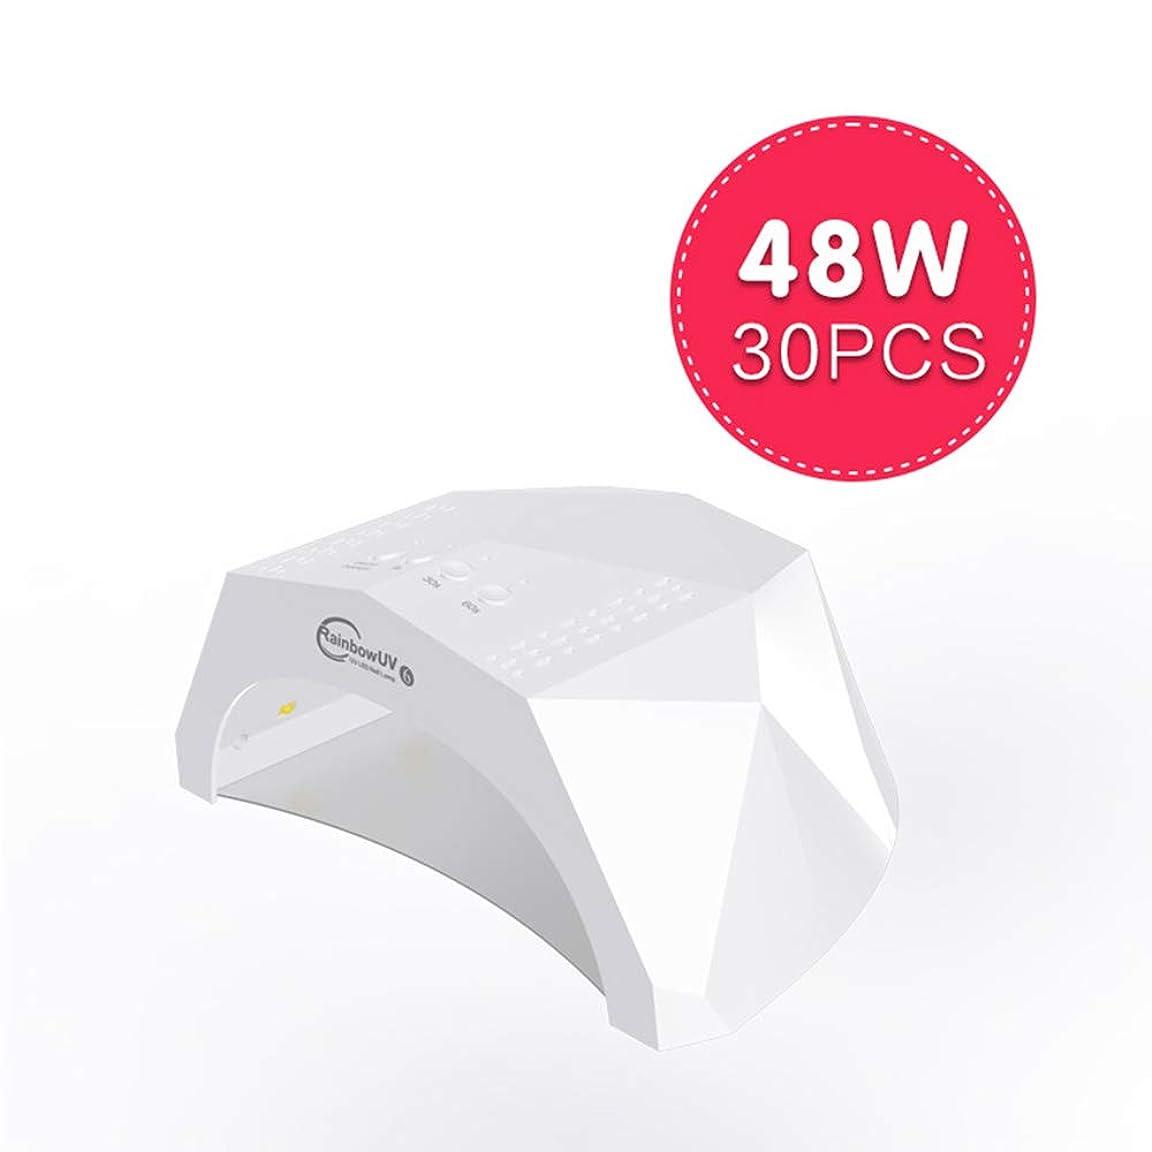 民間火山学滴下BFACCIA ネイルドライヤーUV LEDライト48W ダイヤモンド赤外線検知 ジェルネイル用 三段階タイマー付き通気性速乾自動センサー搭載